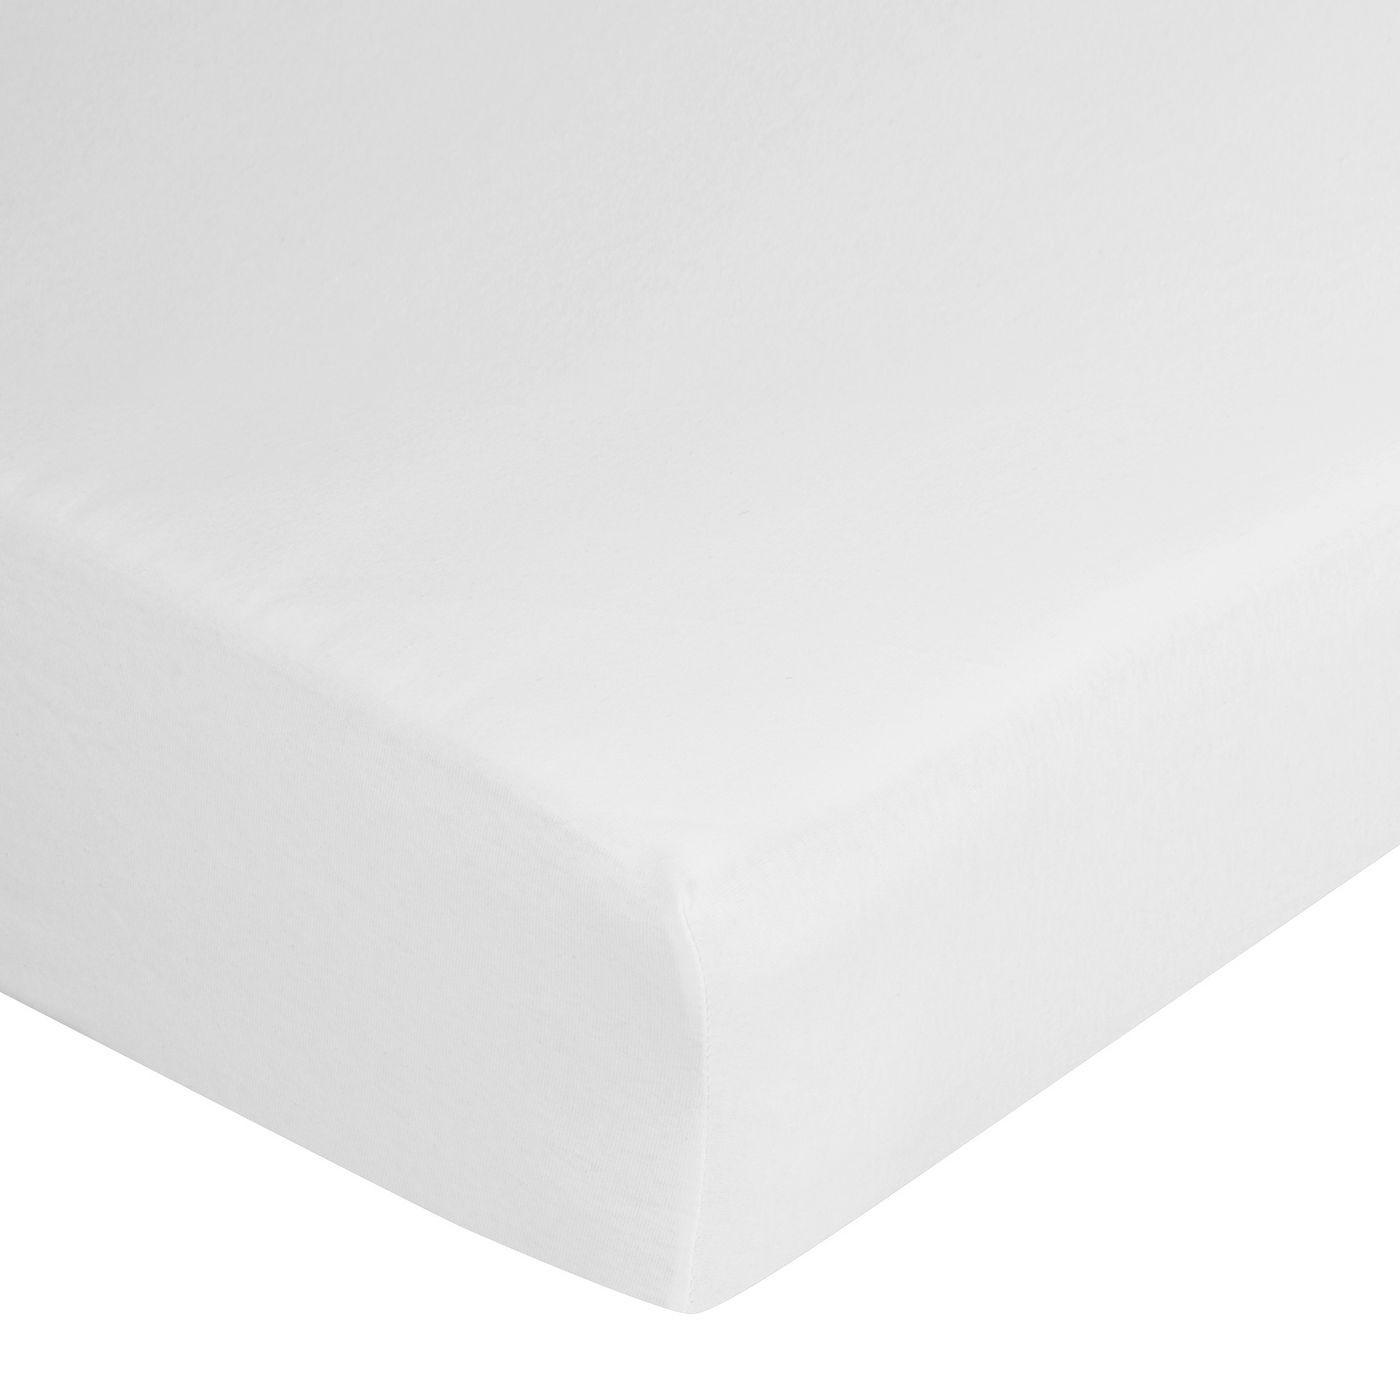 Prześcieradło bawełniane gładkie 220x200+25cm 140 kolor biały